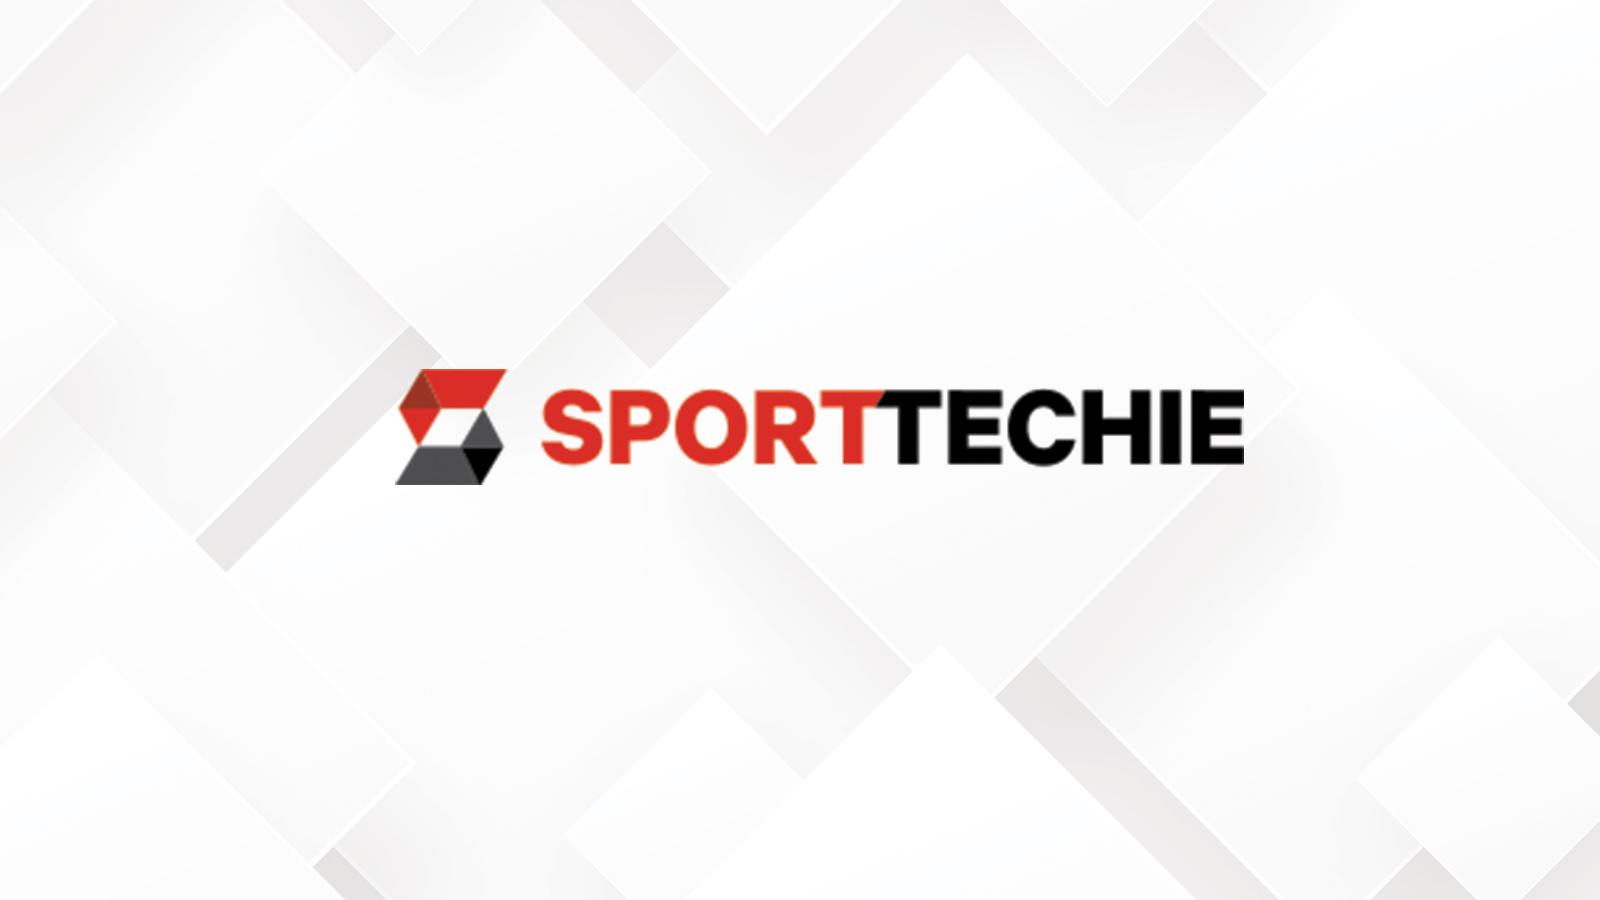 sport techie zero density